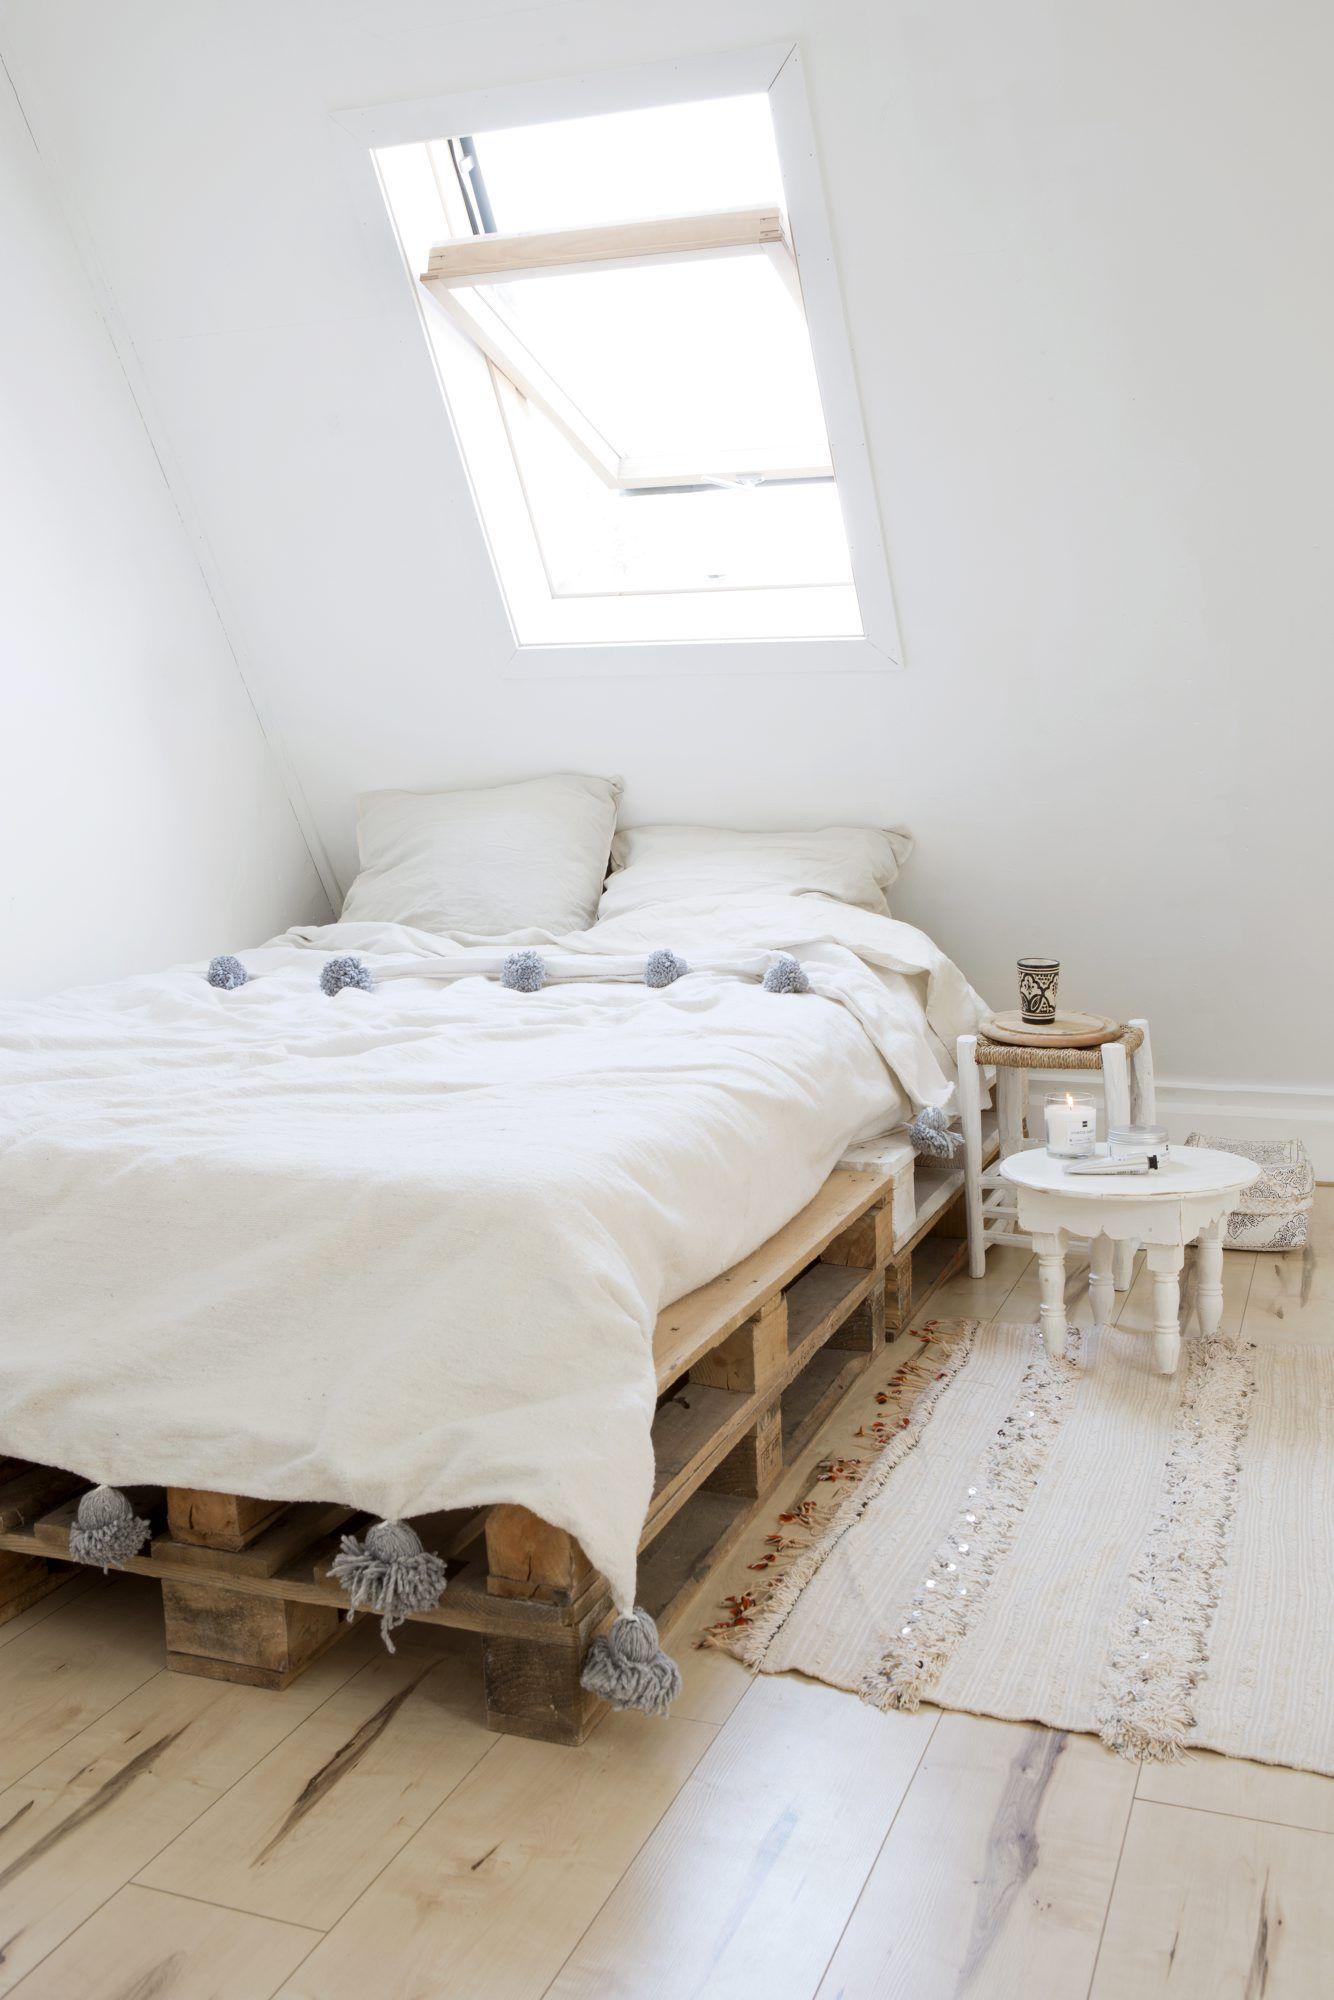 cama de palets | DYS- CON PALES Y CAJAS DE MADERA | Pinterest ...